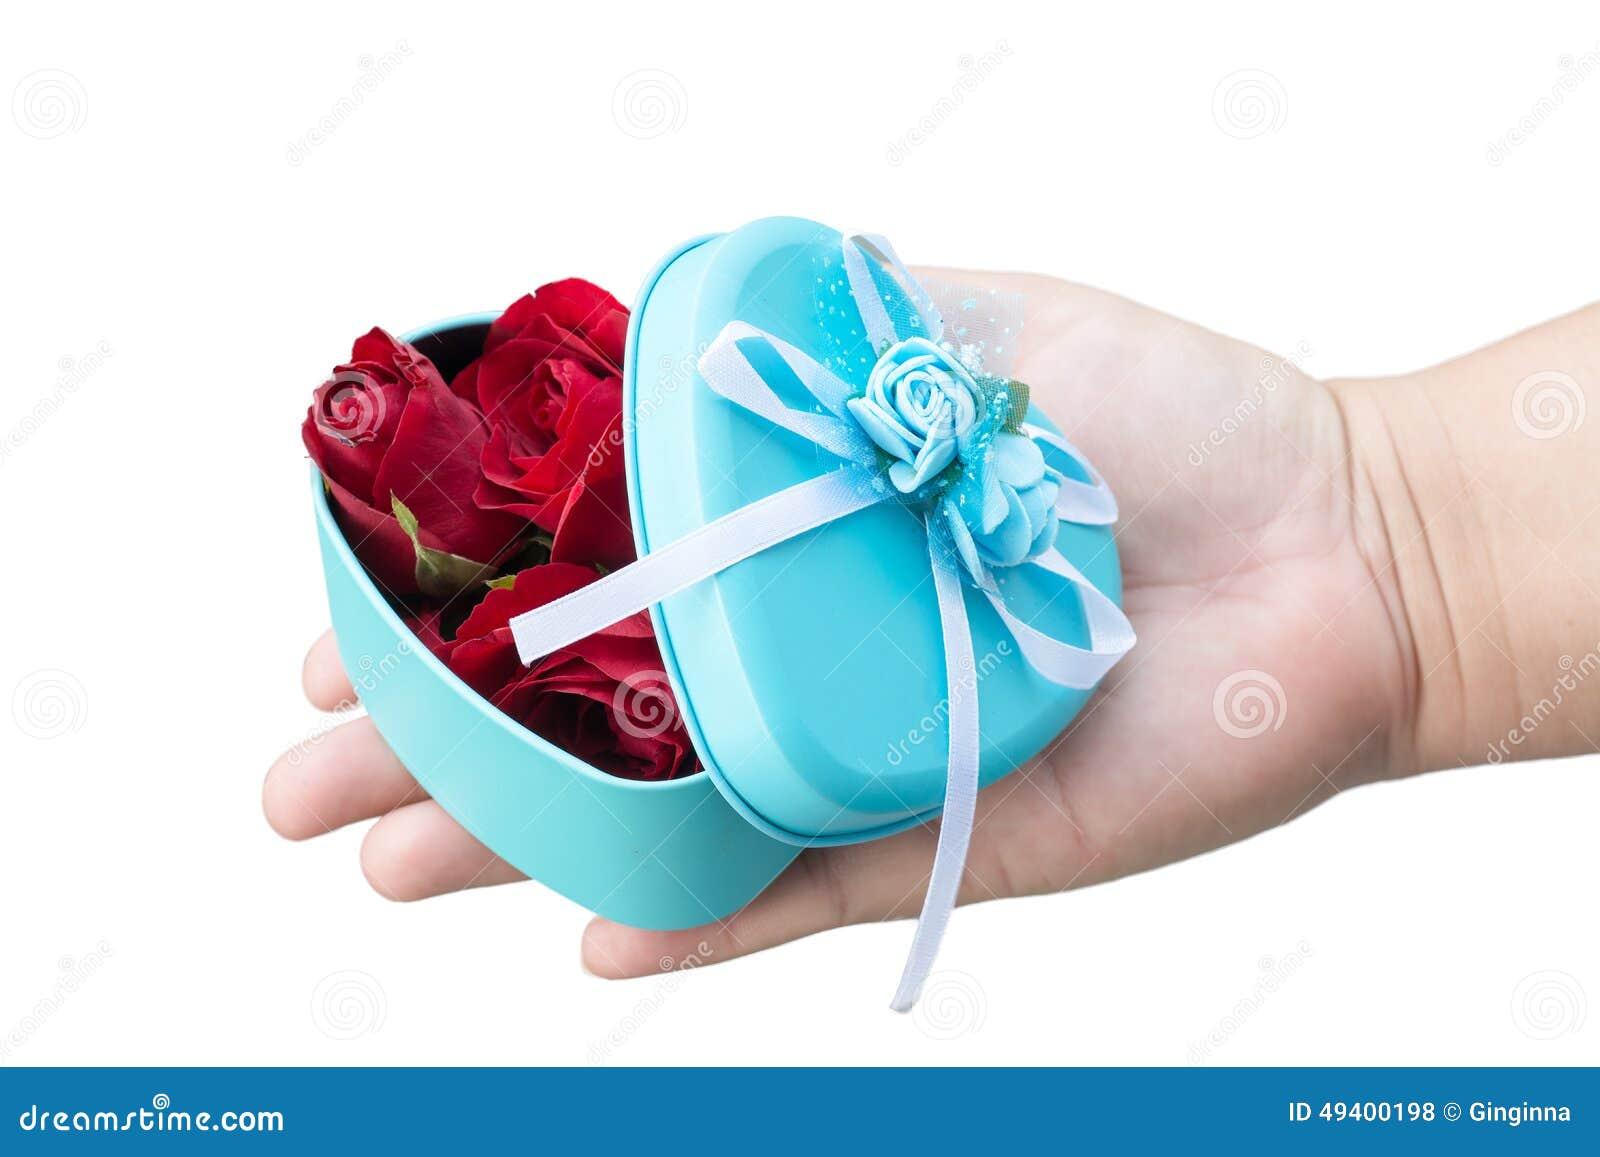 Download Rose und Inneres stockfoto. Bild von floral, blau, schön - 49400198